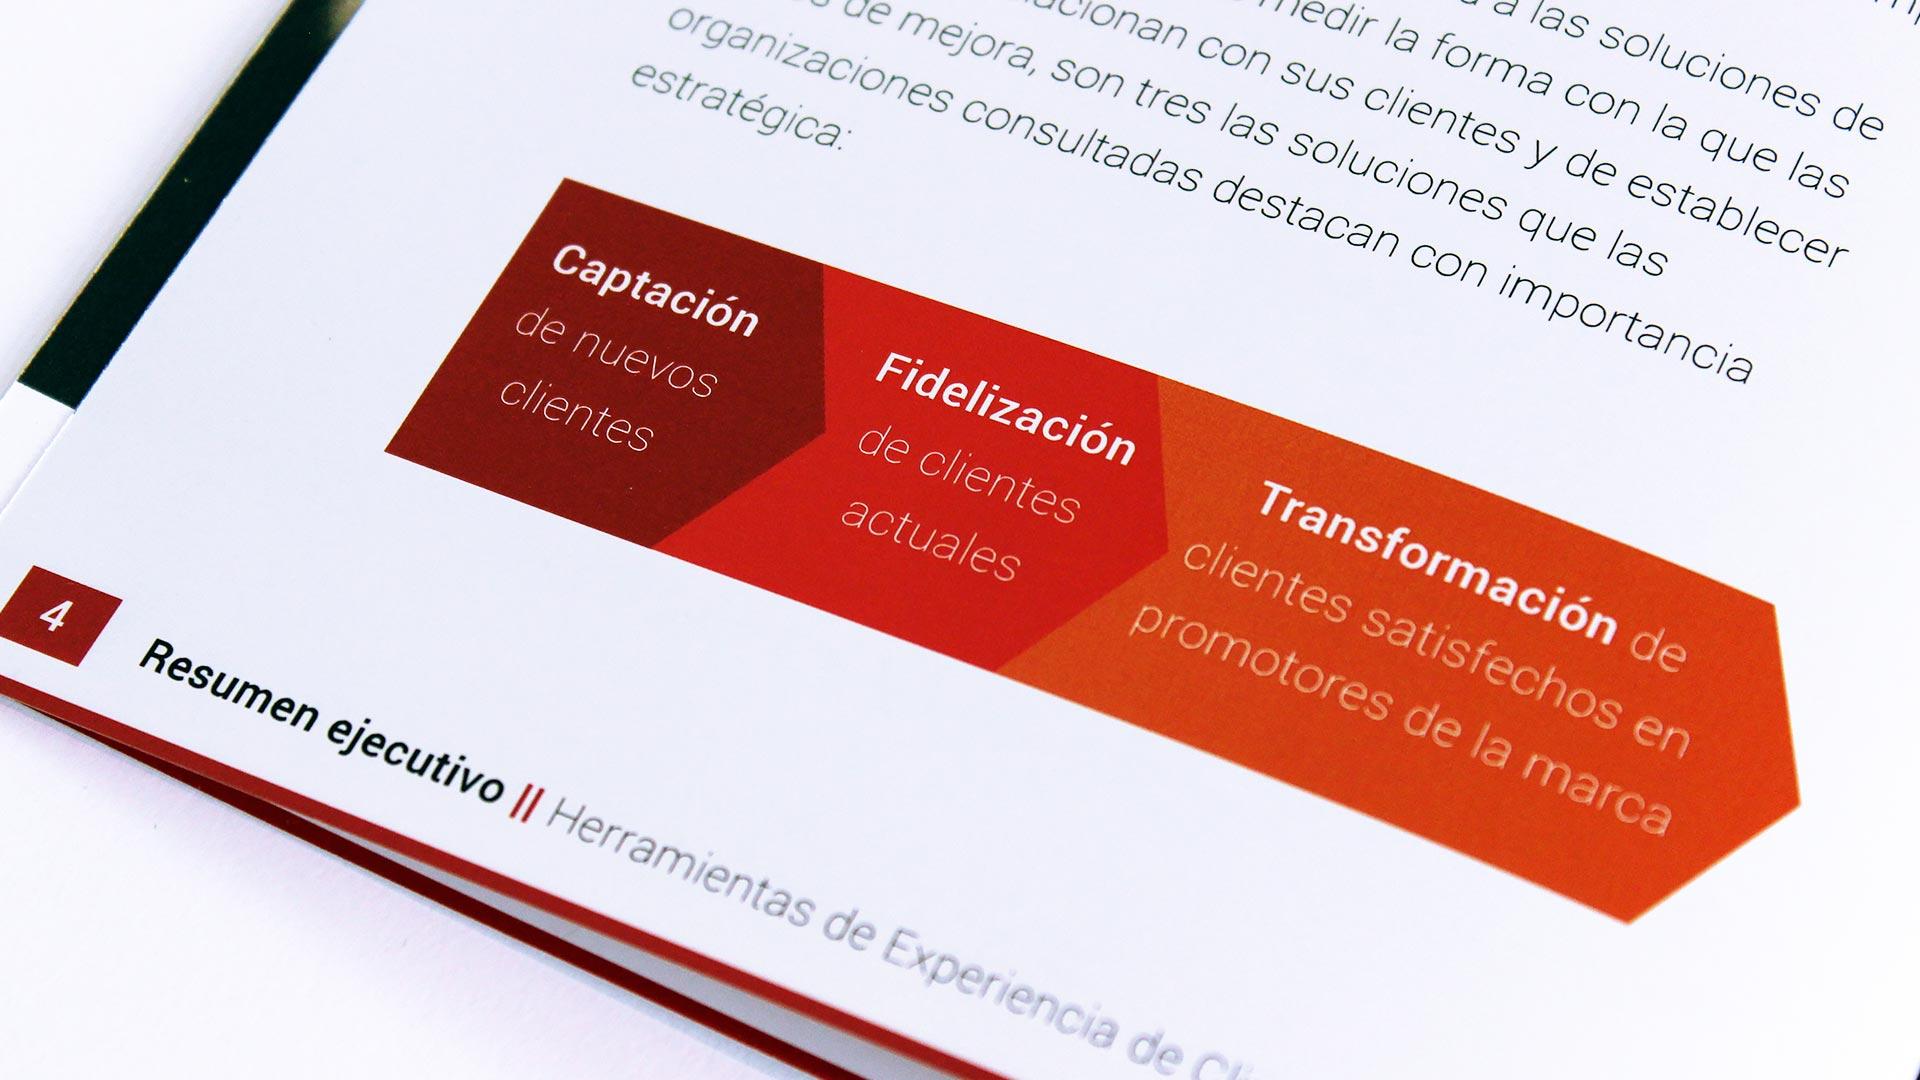 oracle-informe-ebook-content-marketing-evento-herramientas-experiencia-clienye-2016-14